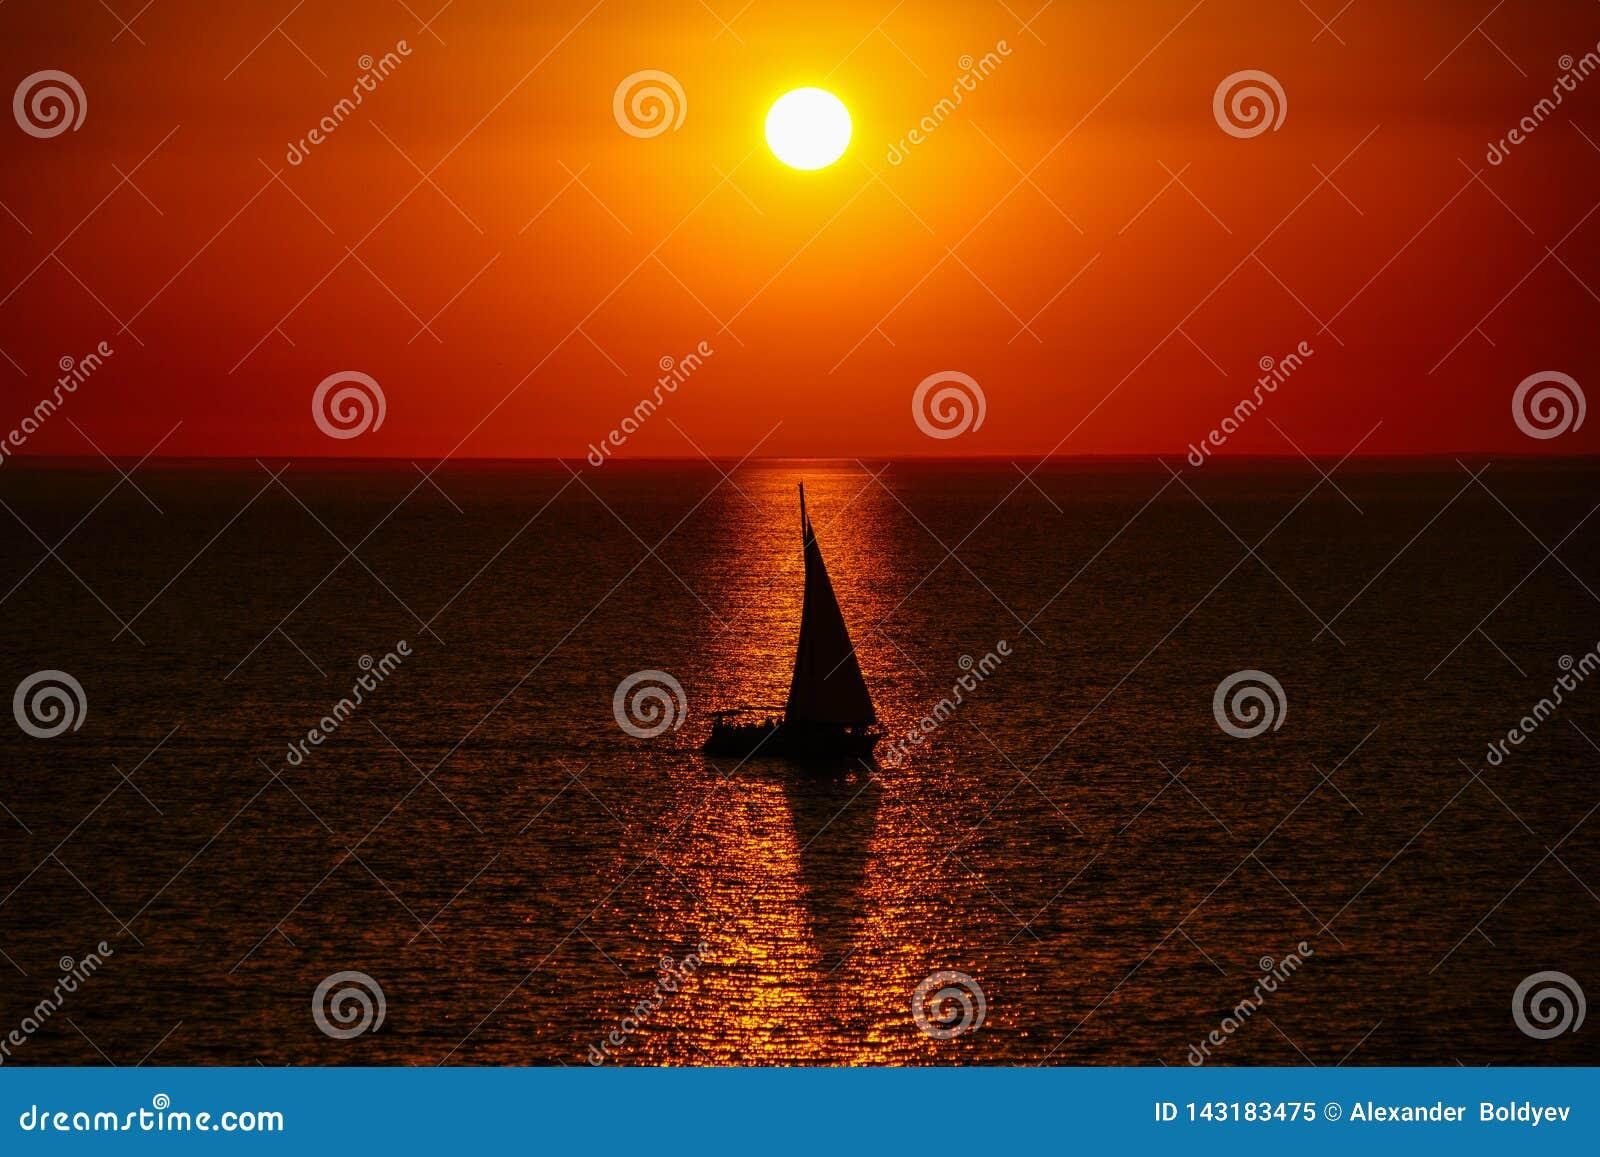 Navegando o iate no por do sol, a sombra do veleiro no fundo do por do sol dourado e a reflexão no